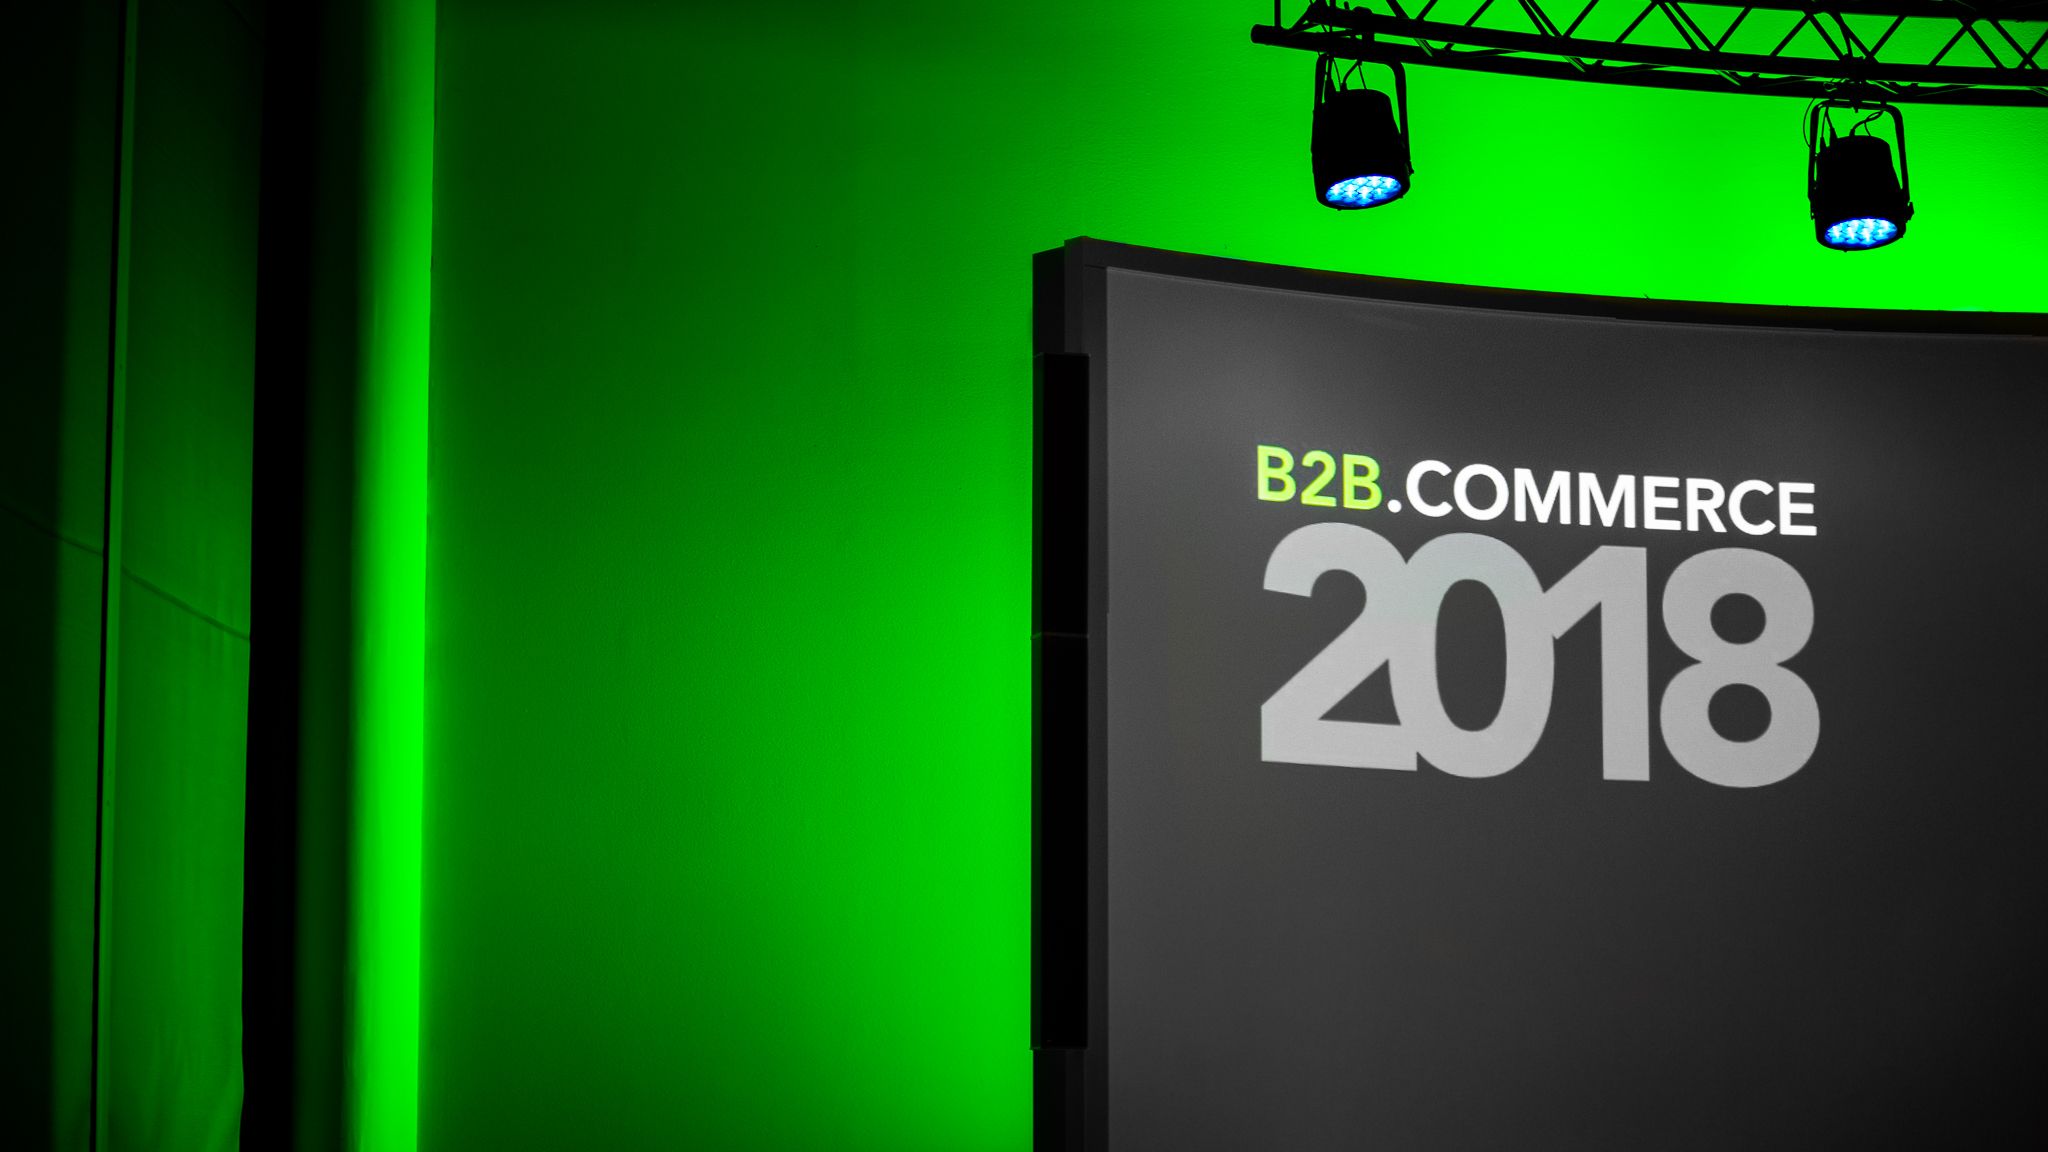 B2B.Commerce 2018